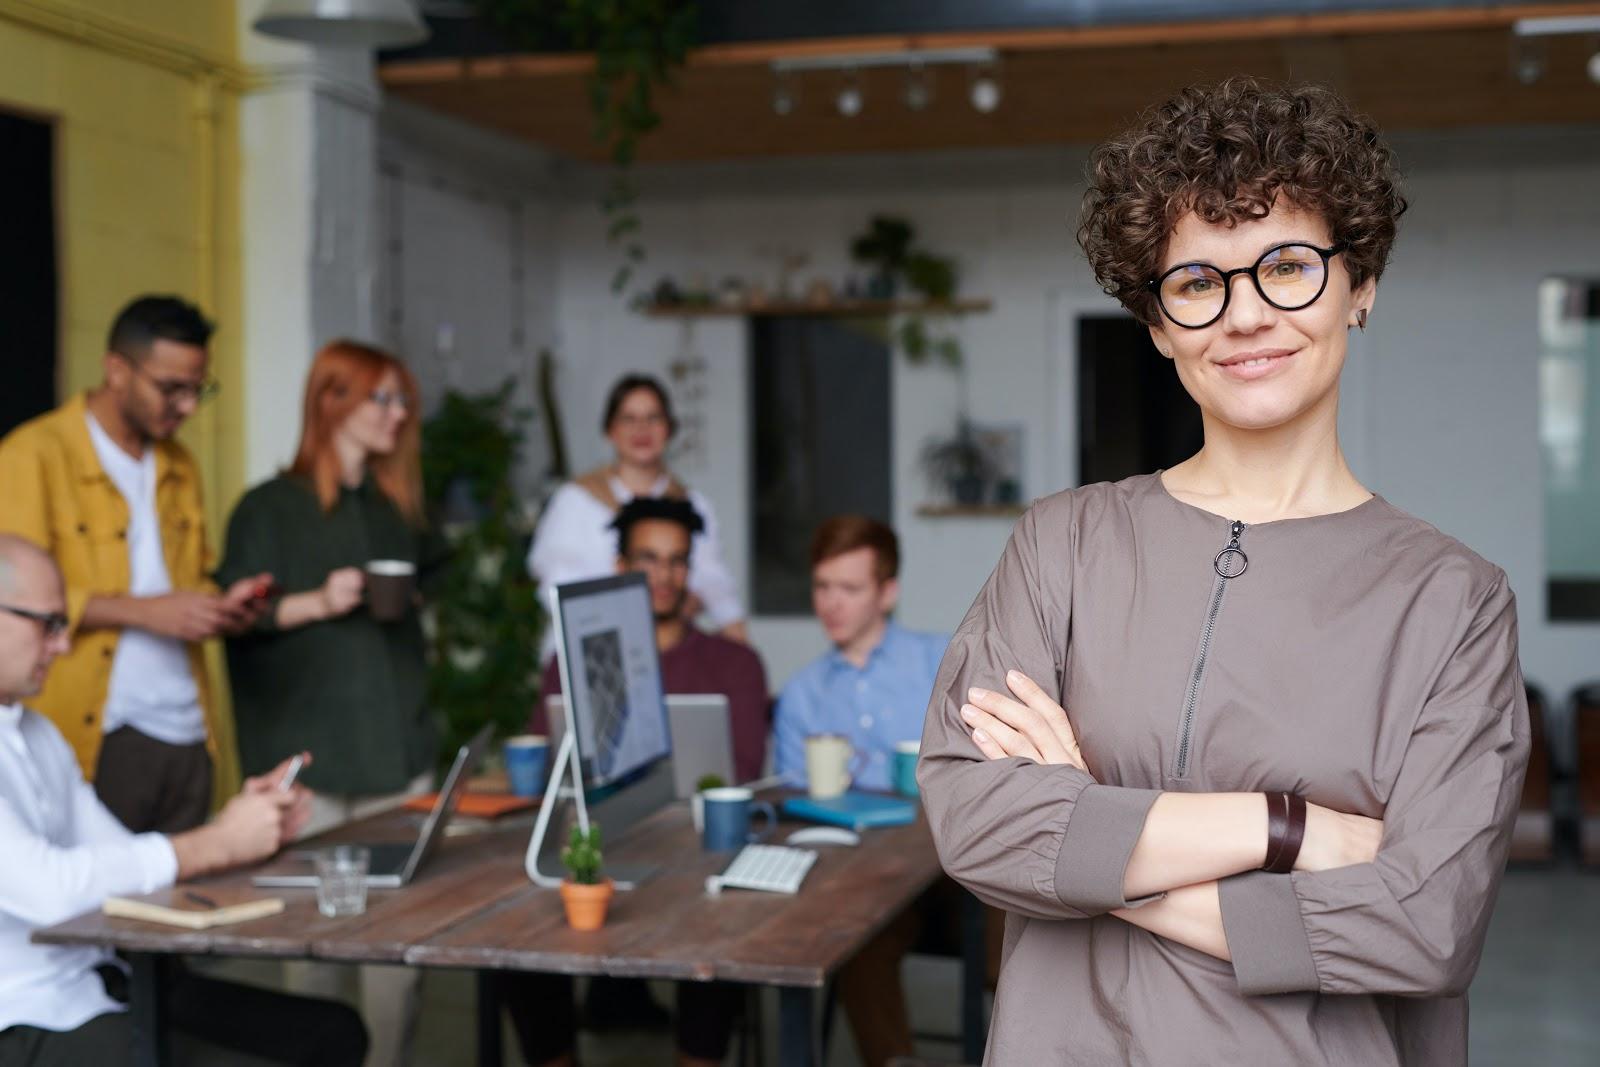 Uma mulher sorrindo na frente de várias outras pessoas conversando.